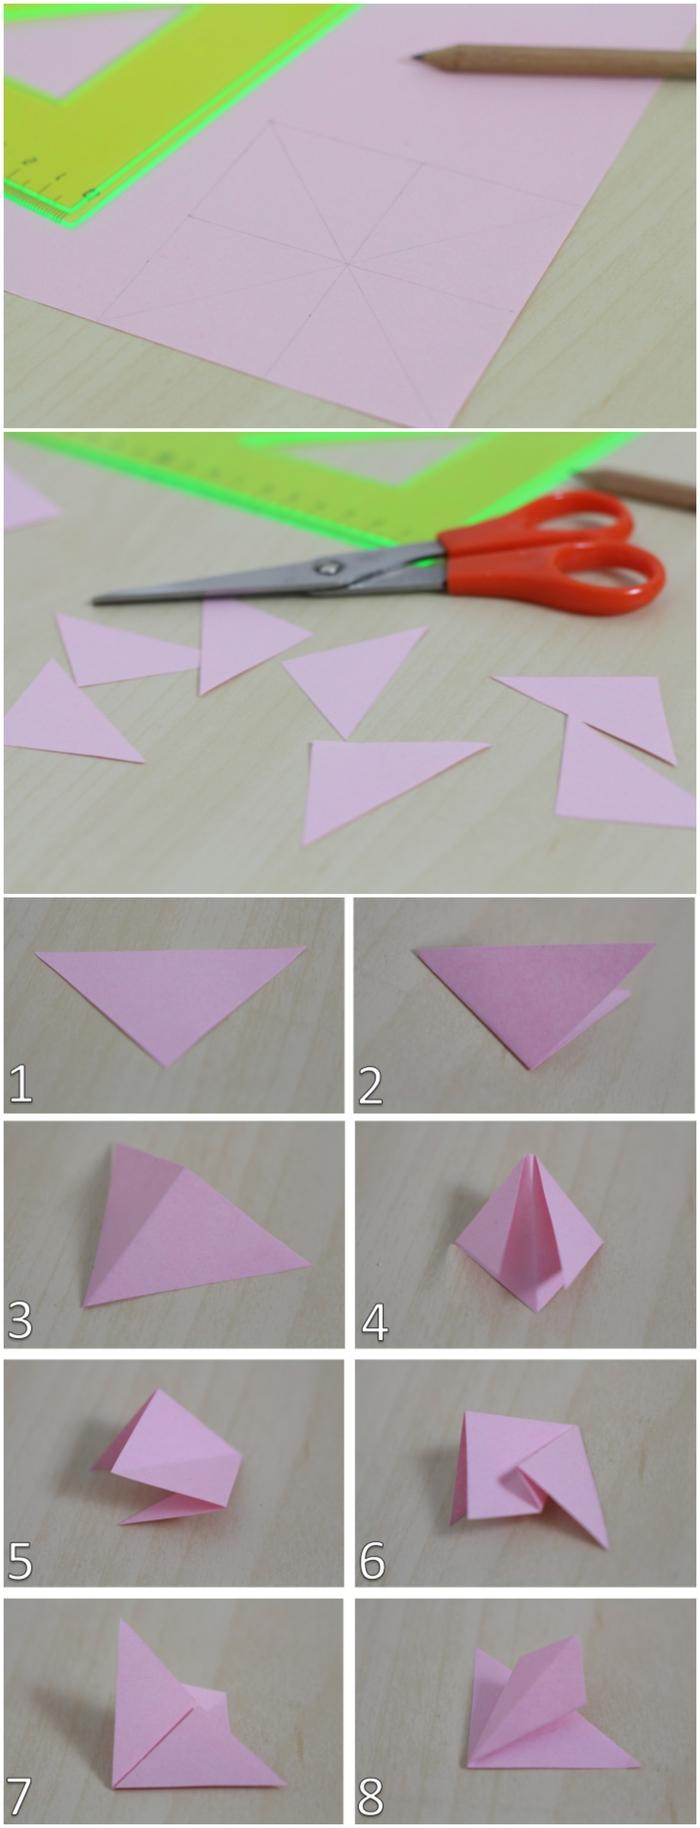 le pliage papier facile pour réaliser une fleur origami, une carte de voeux originale personnalisée avec une fleur en papier